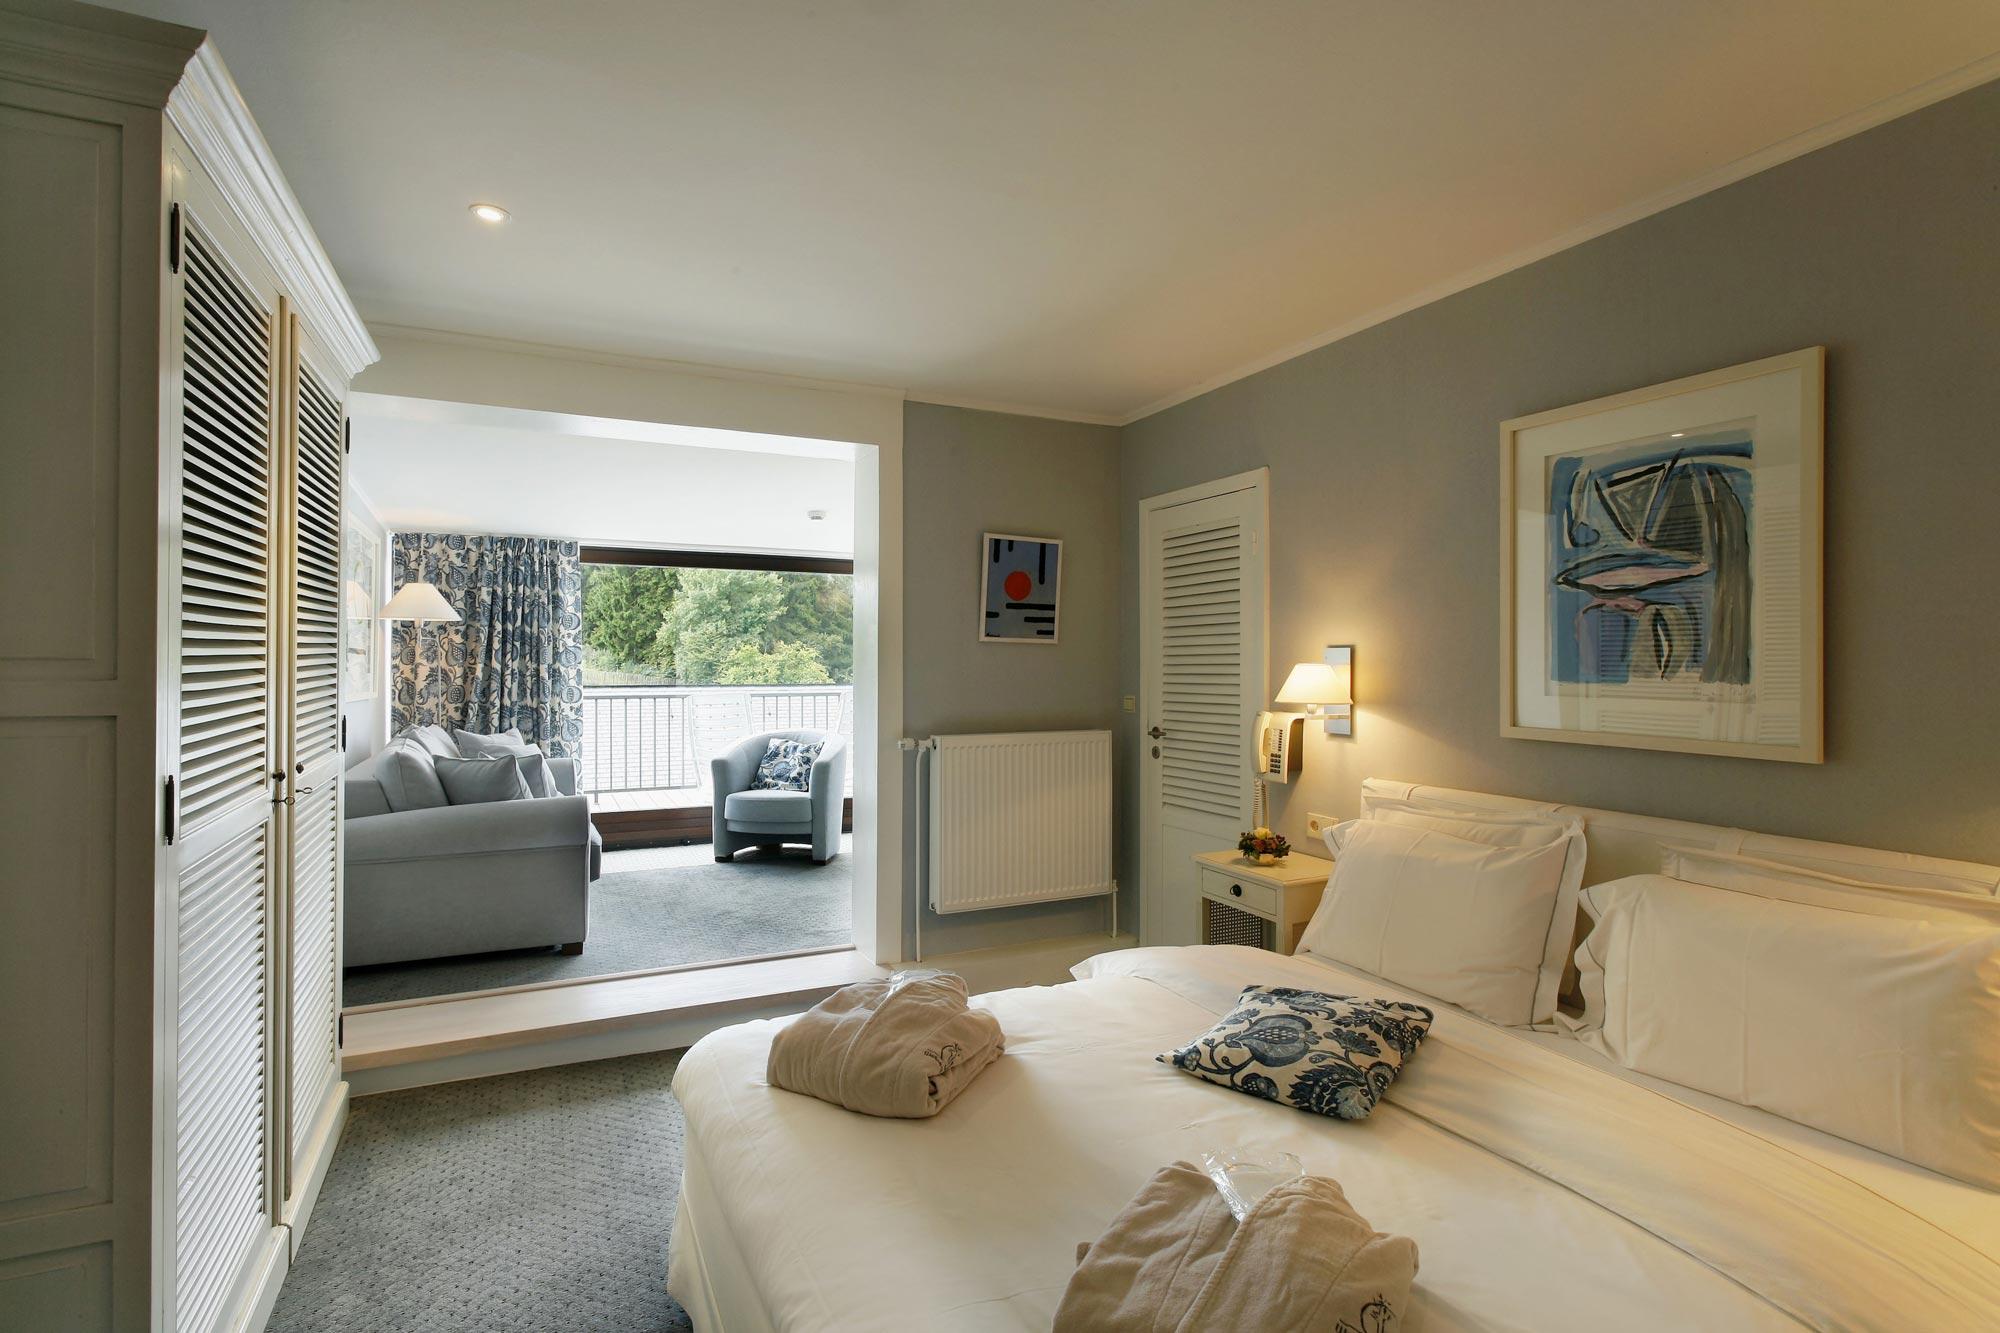 Chambre pour deux assez lumineuse avec un balcon qui permet d'avoir une belle vue